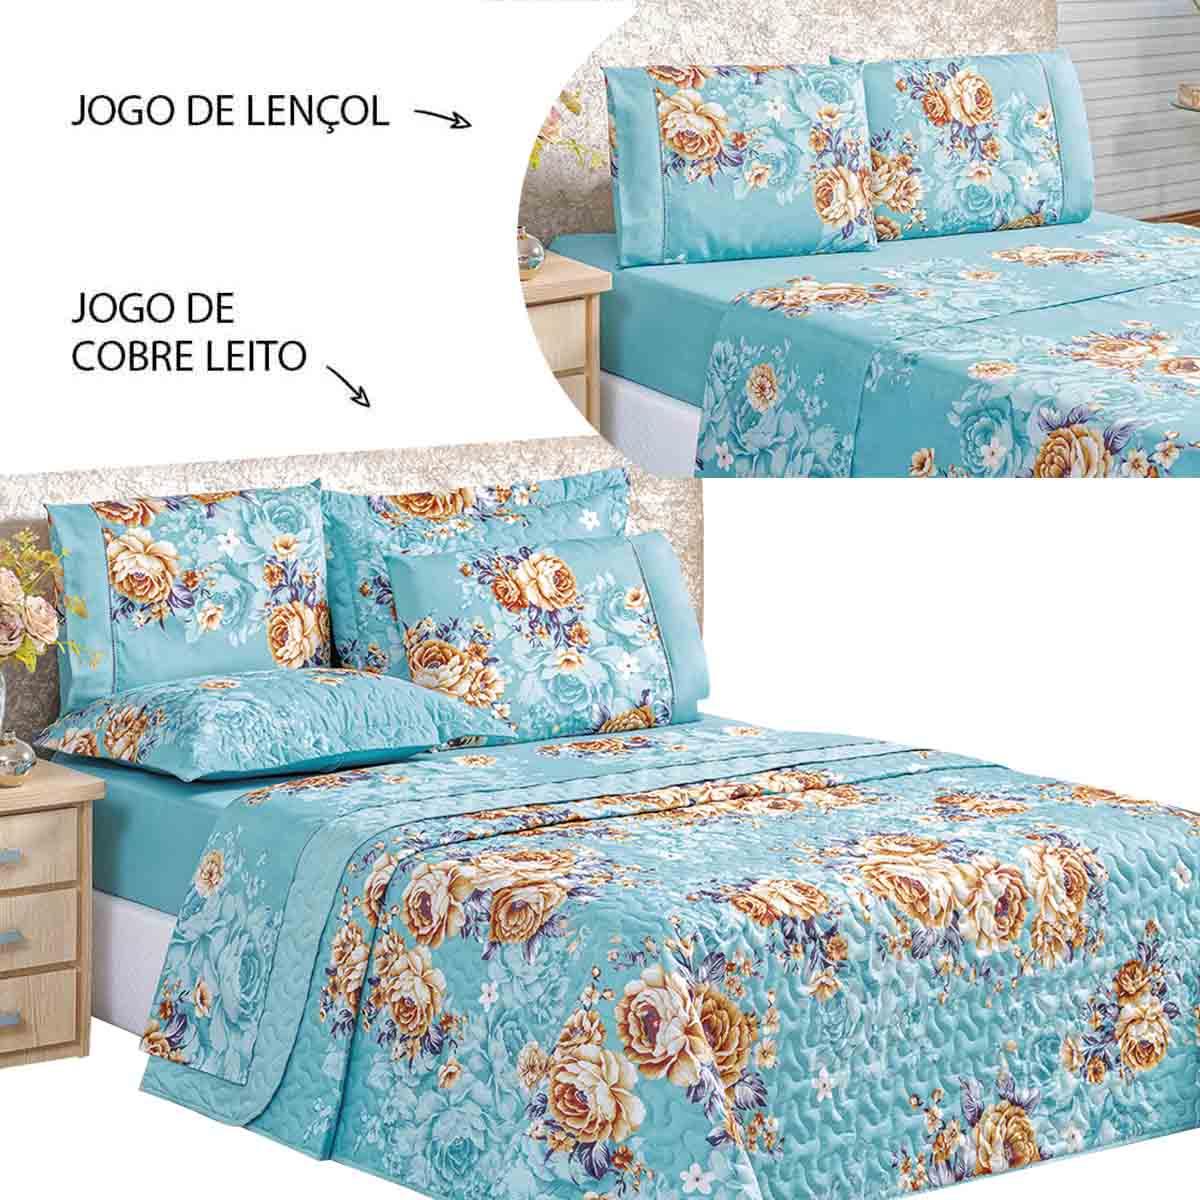 Kit Cobre Leito E Jogo de Cama Lençol Queen 7 Peças Naturale